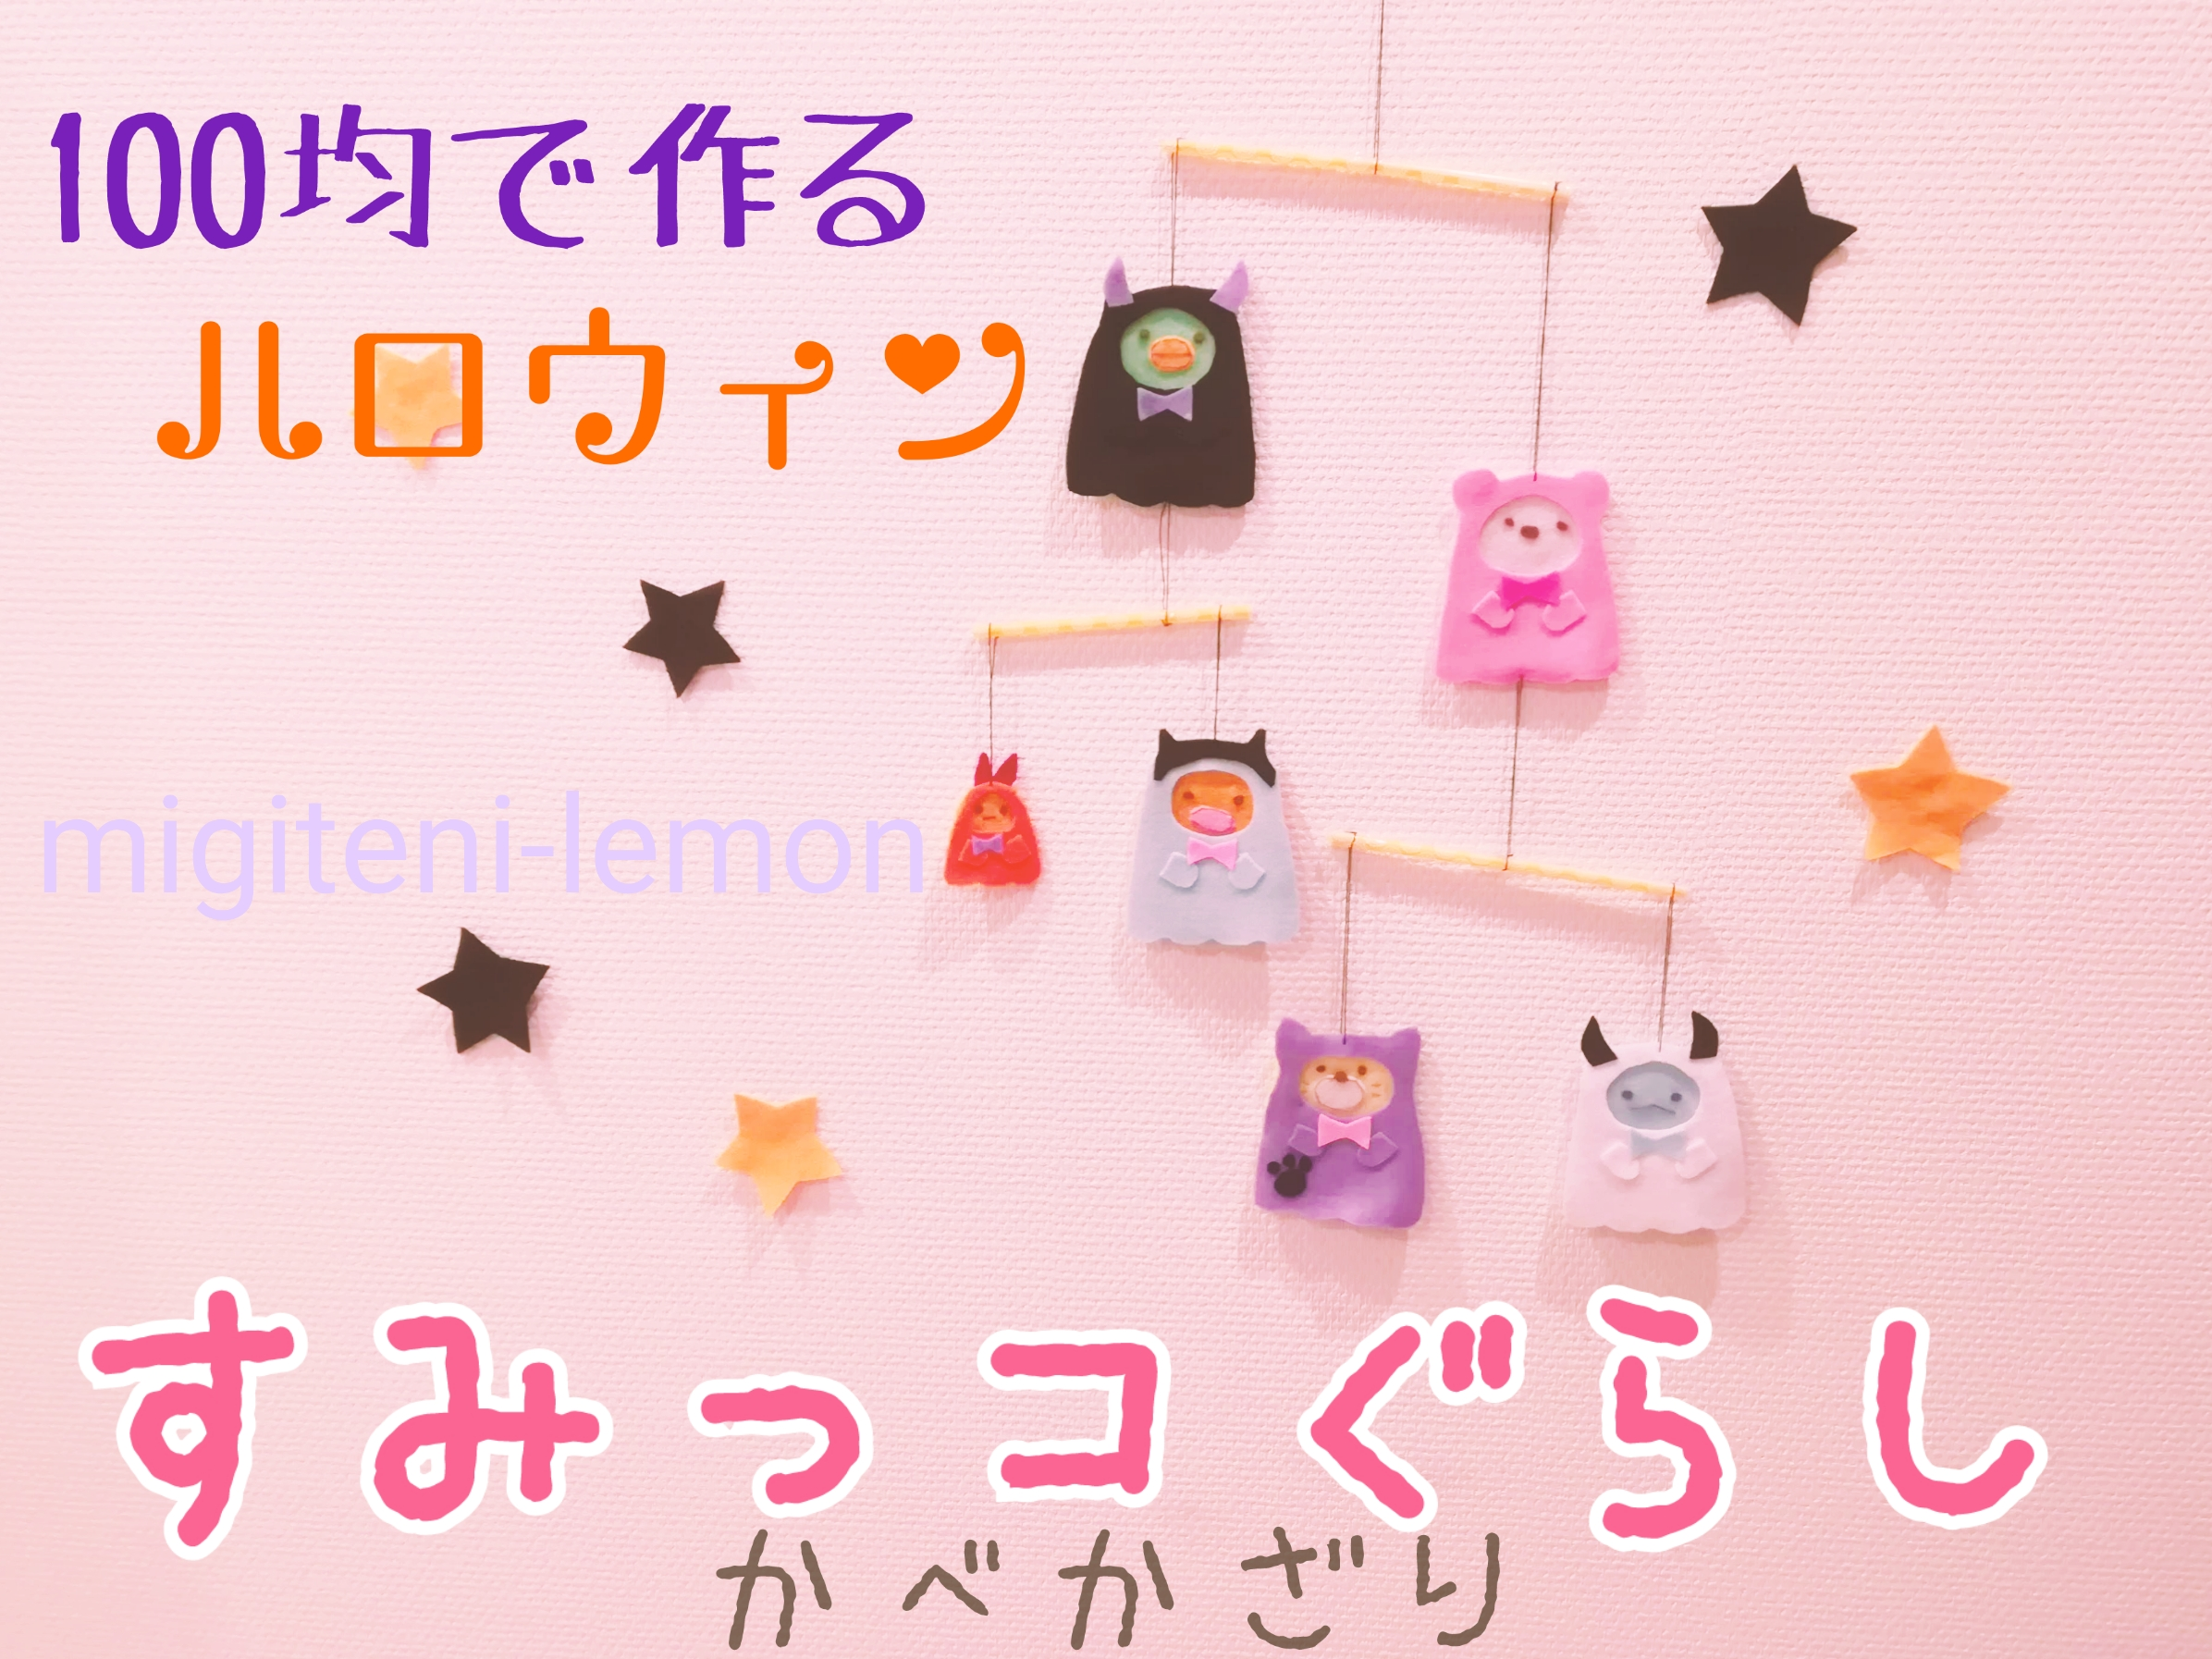 sumikko-halloween-handmade-daiso